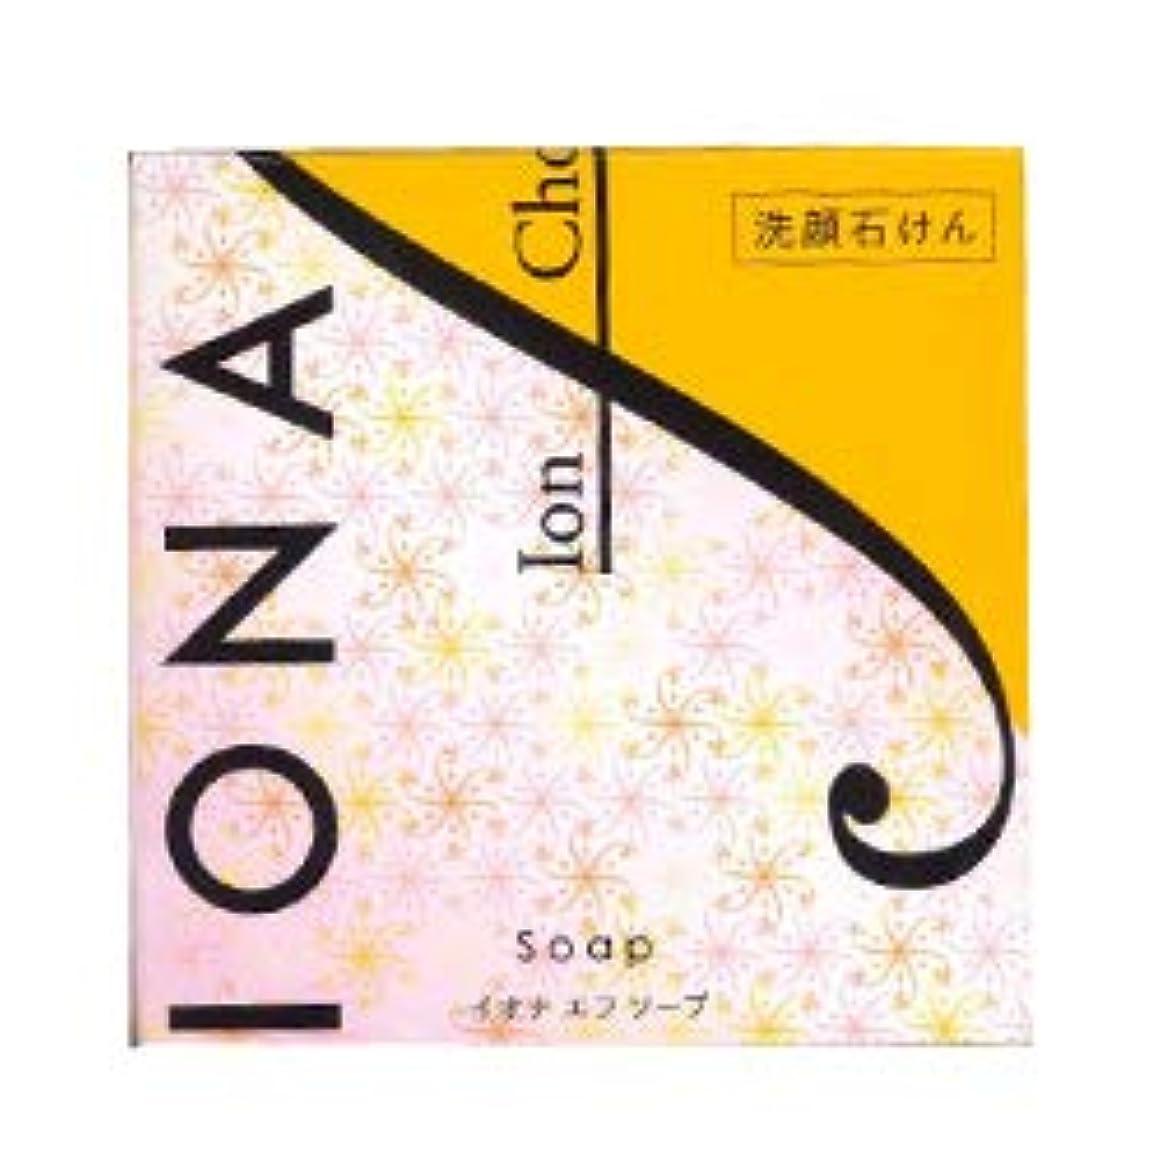 思いつく告発側溝【イオナ】イオナ エフ ソープ 90g